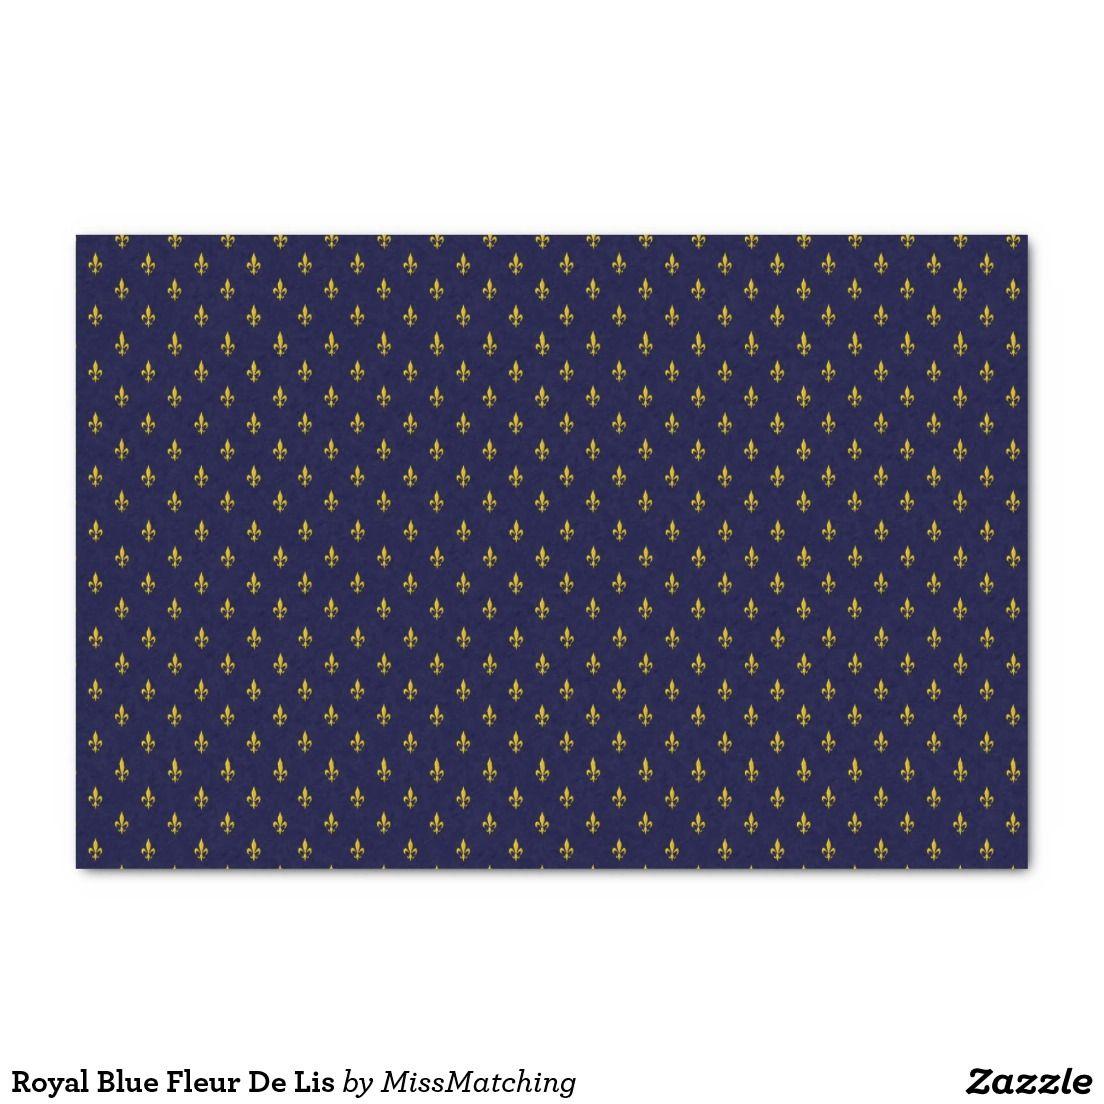 Royal Blue Fleur De Lis Tissue Paper Royal